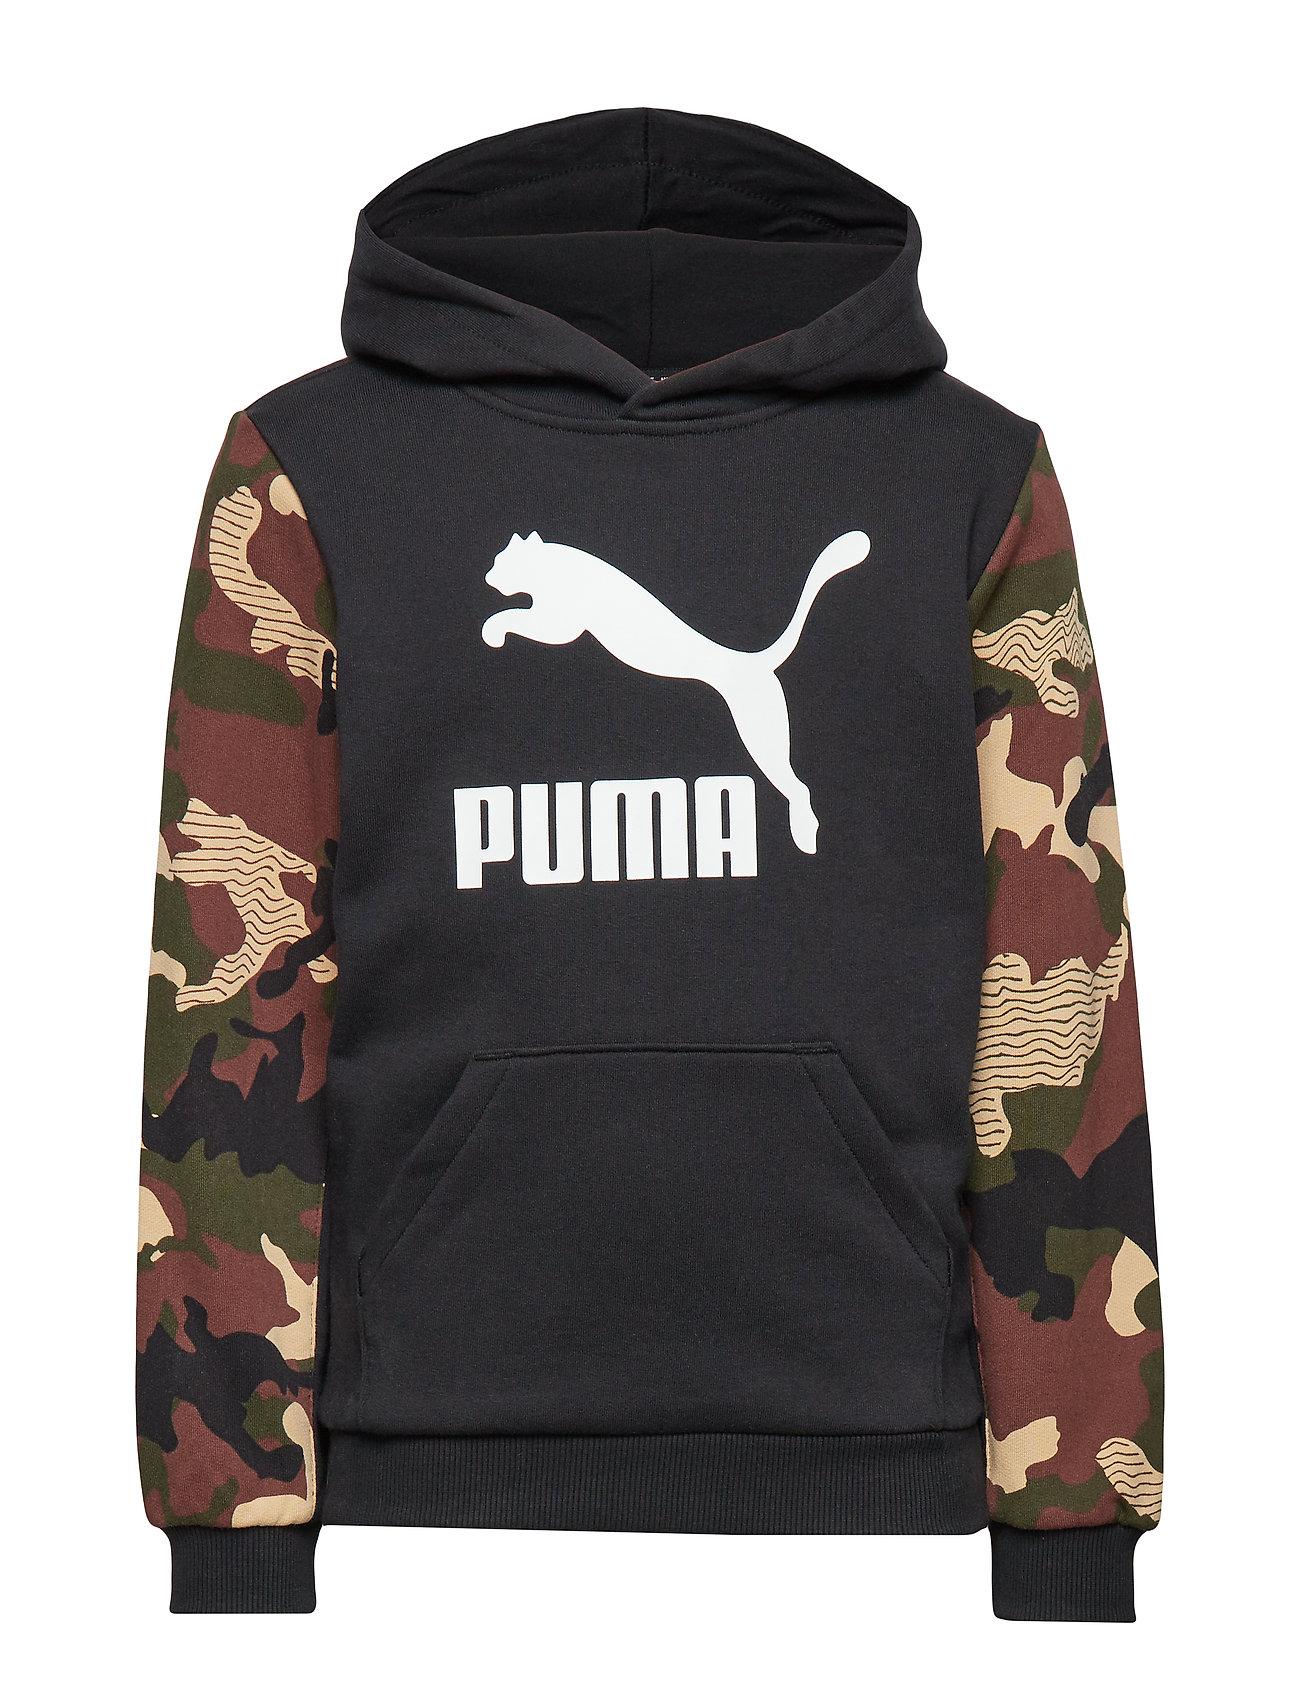 PUMA Classics AOP Hoody TR B - PUMA BLACK